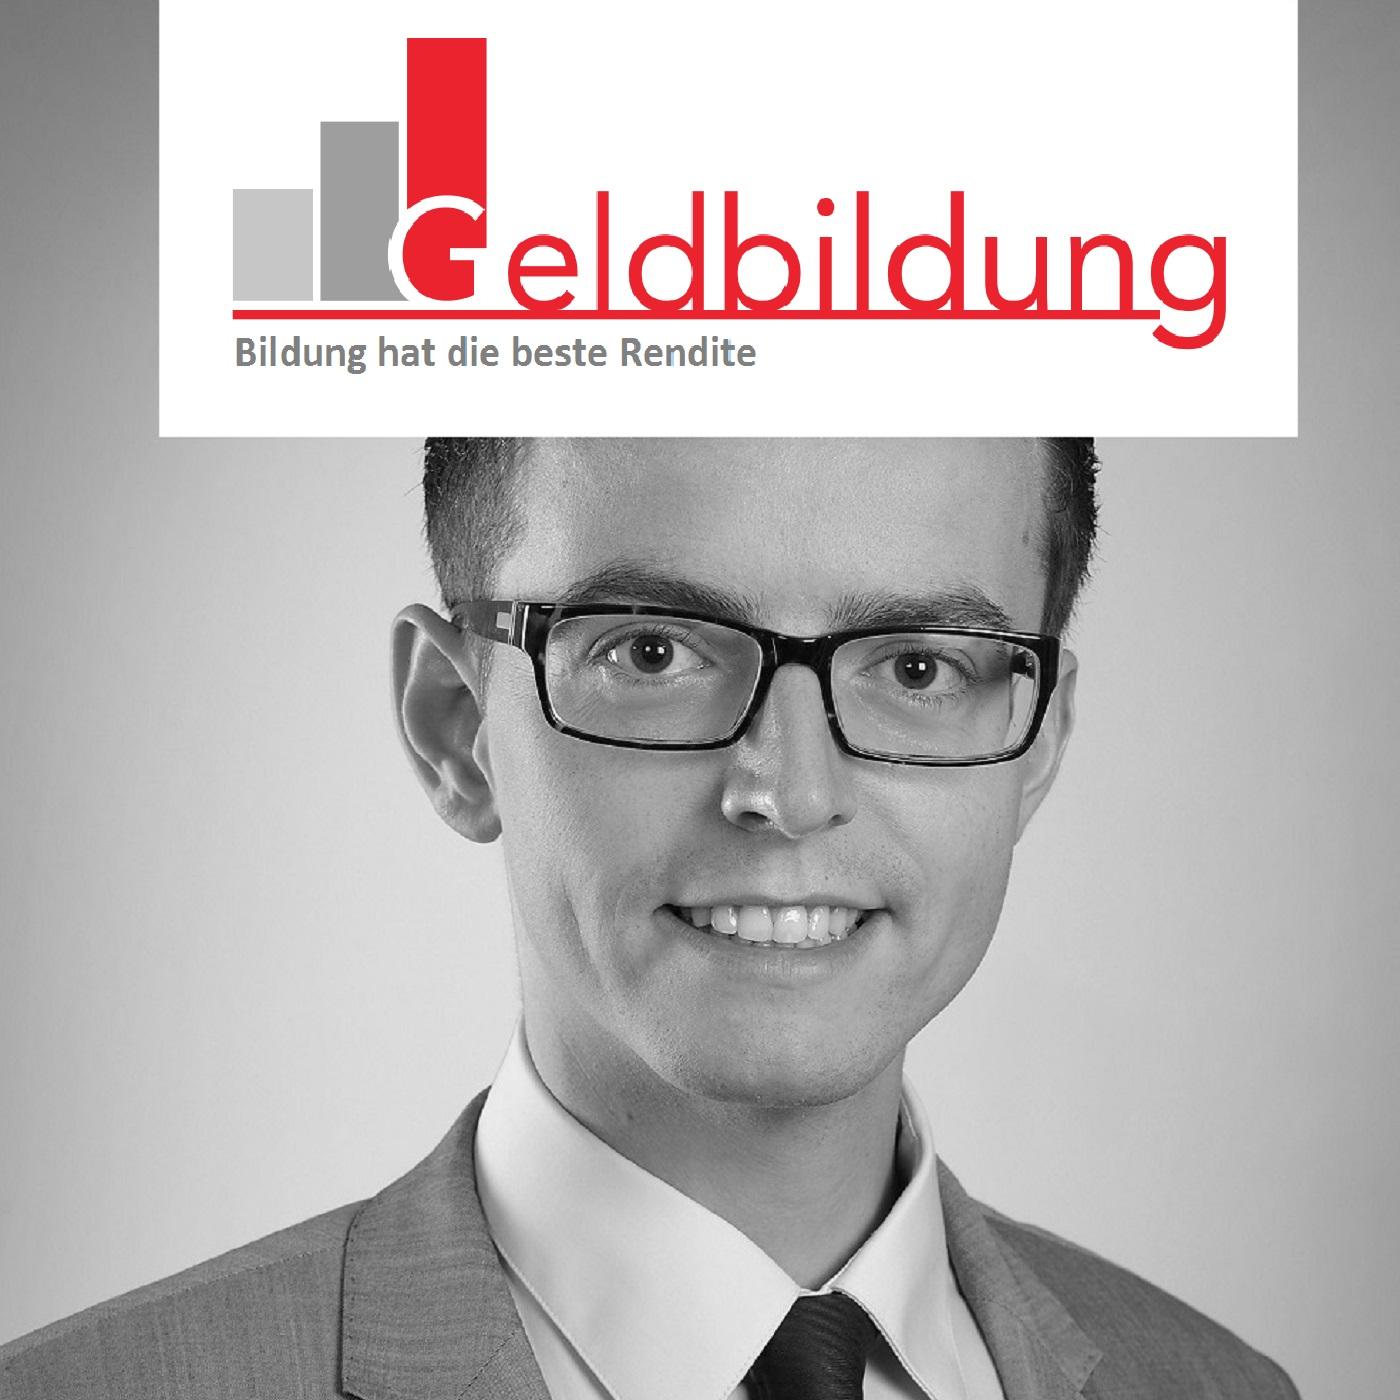 Interview mit dem Finanzjournalisten Tim Schäfer